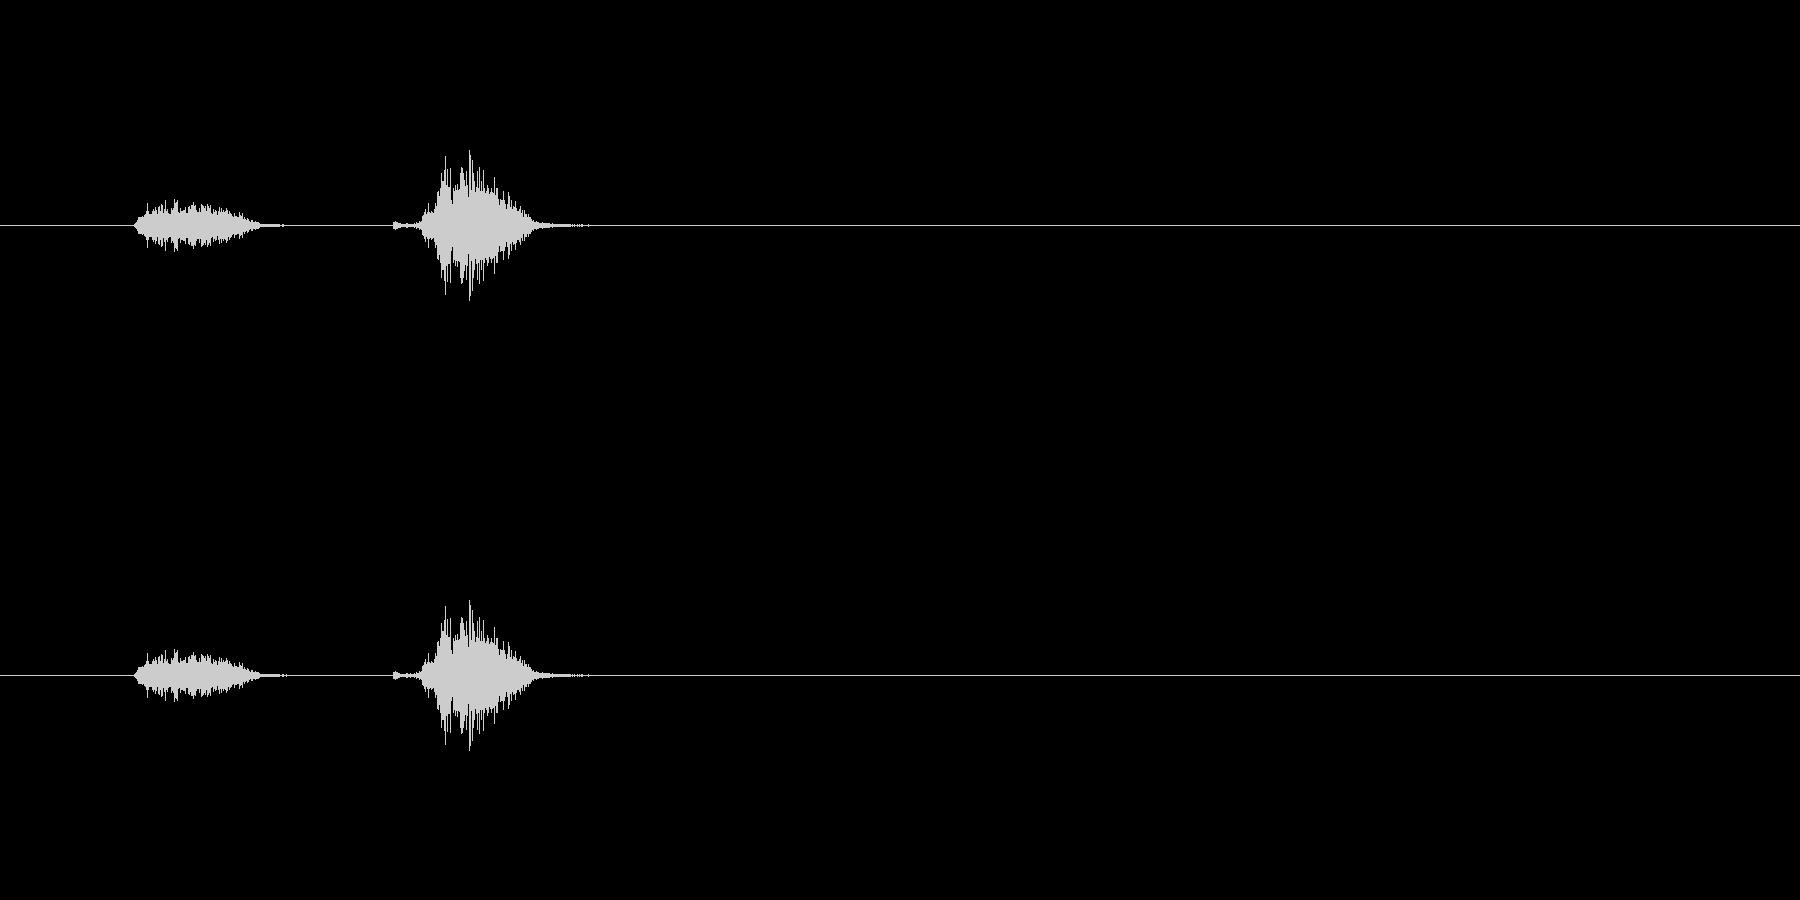 【シャープペン01-08(チェック)】の未再生の波形